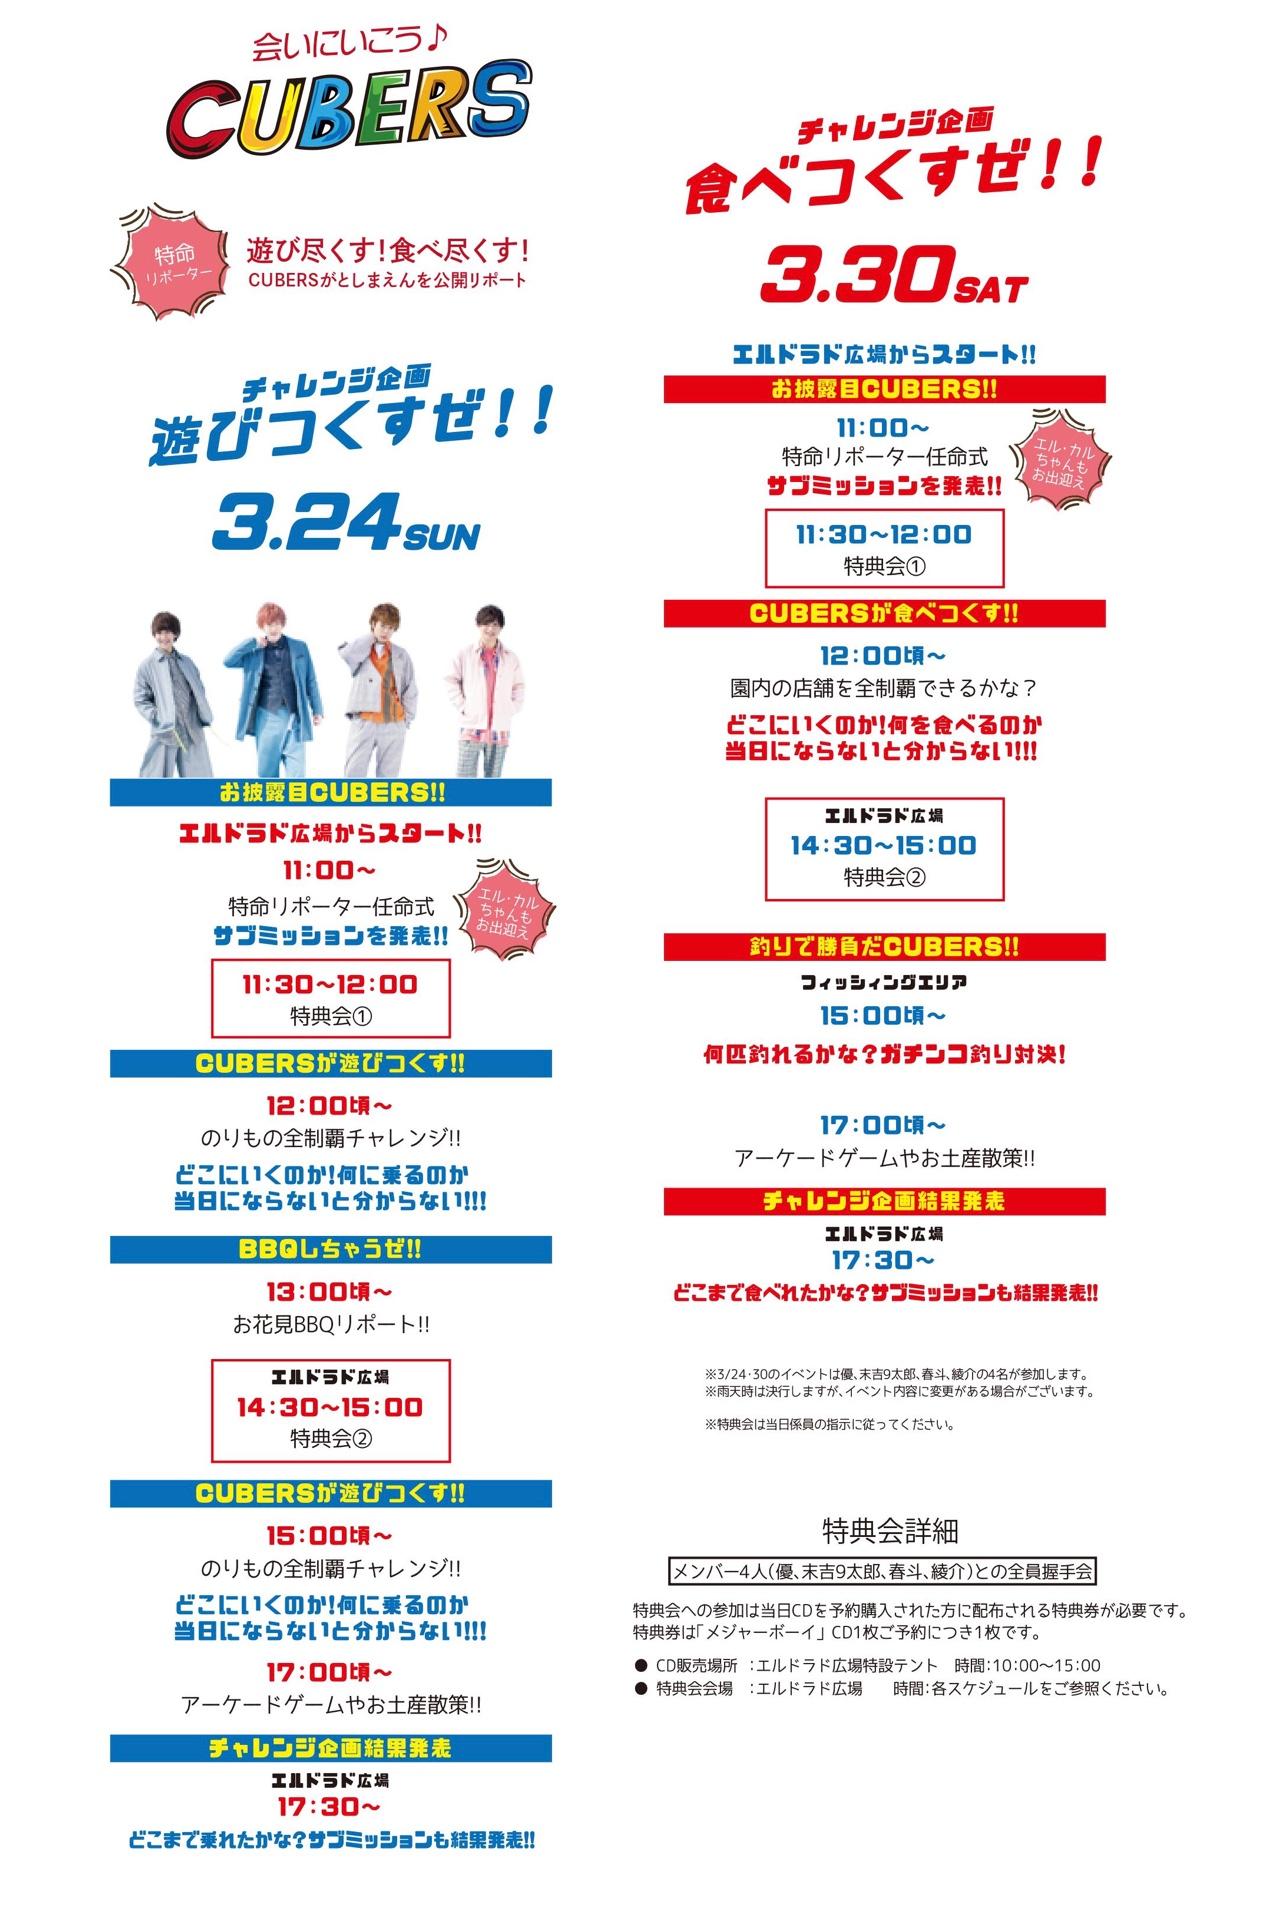 【NEWS】としまえんタイアップ記念!特命リポーター&特典会 詳細発表